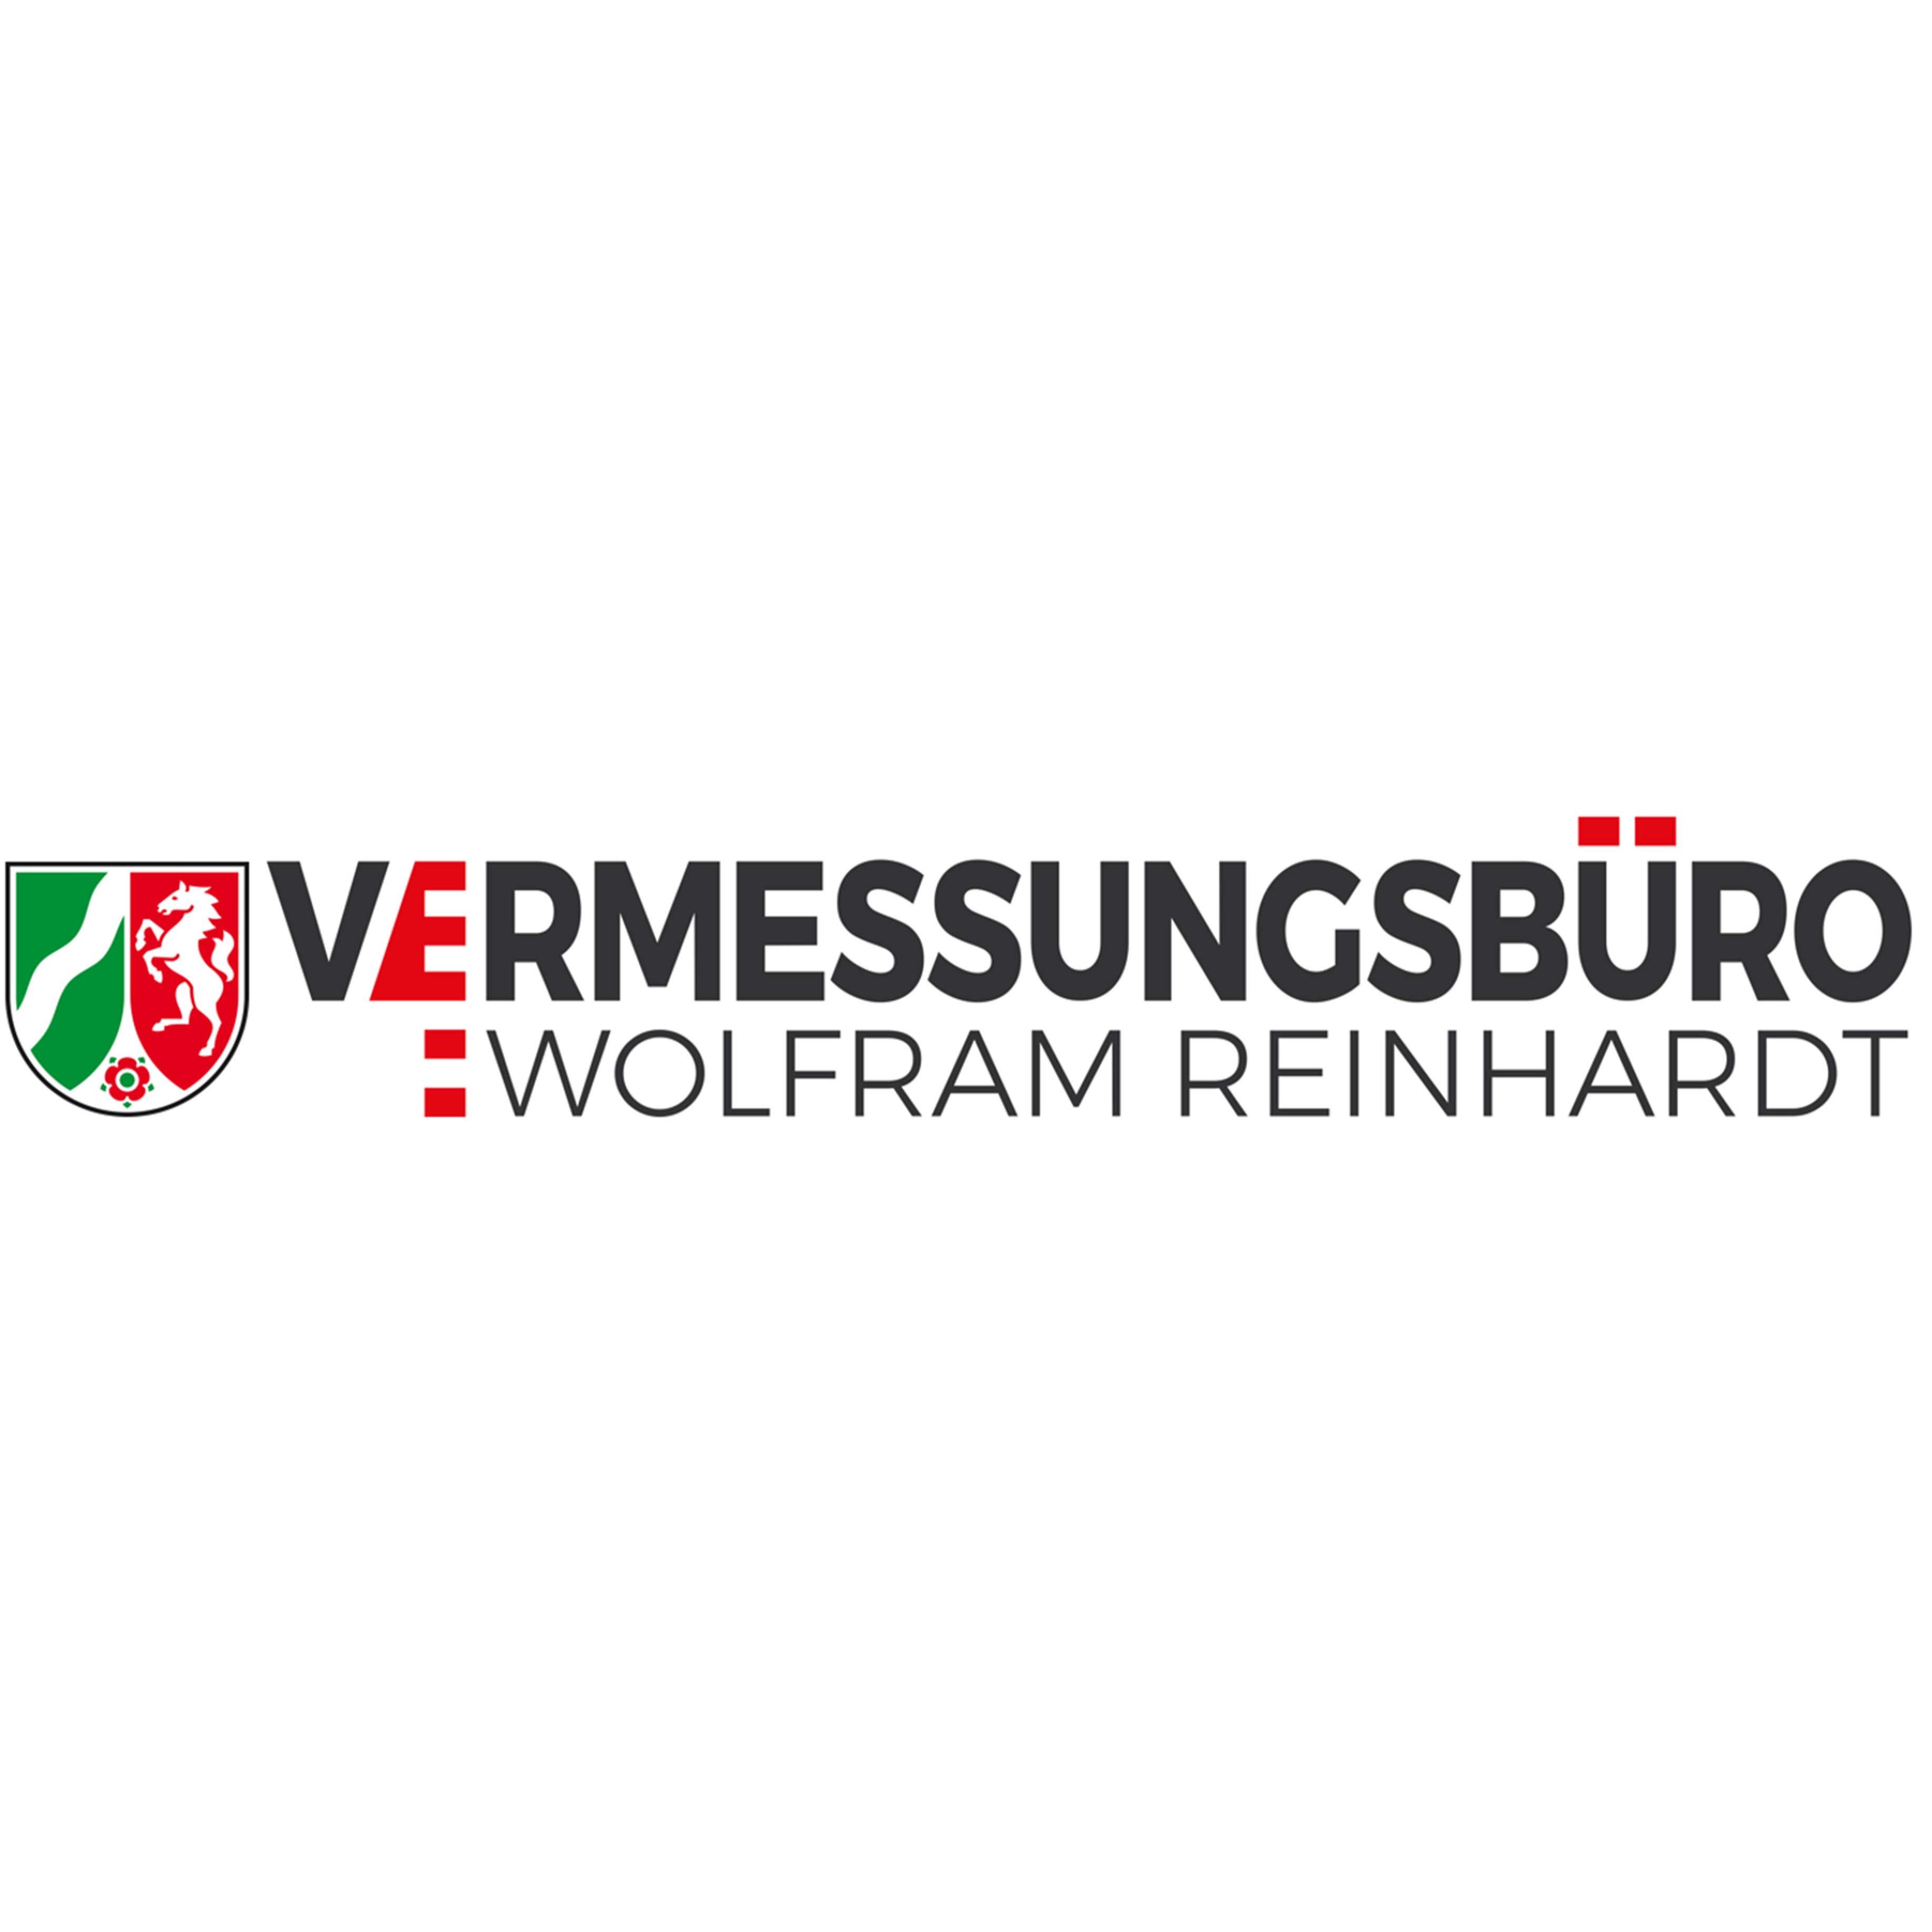 Bild zu Vermessungsbüro Wolfram Reinhardt in Duisburg